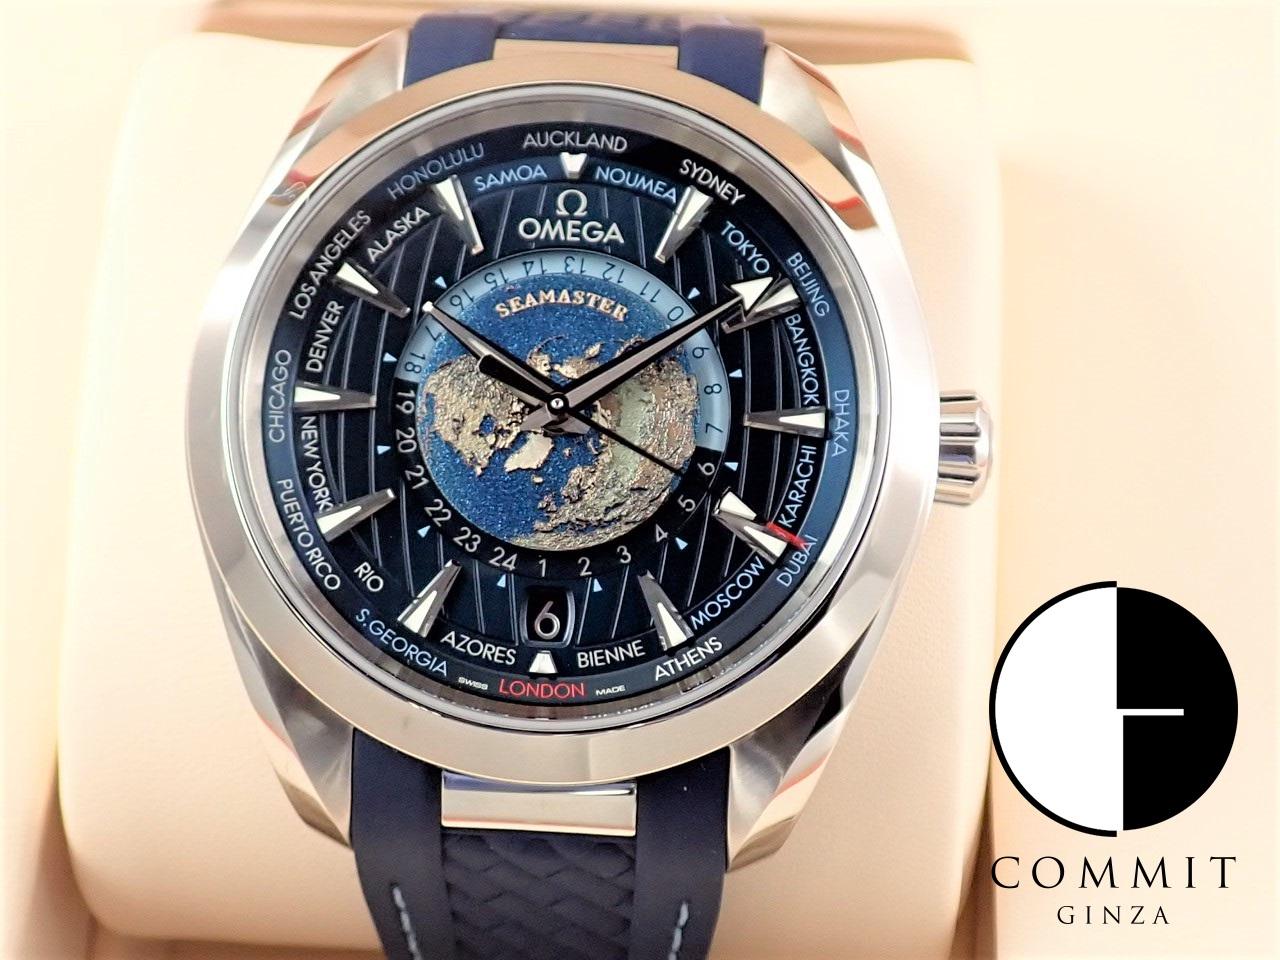 オメガ シーマスター アクアテラ 150M コーアクシャル マスタークロノメーター GMT ワールドタイマー43MM 【極美品】 ≪保証書・箱・その他≫